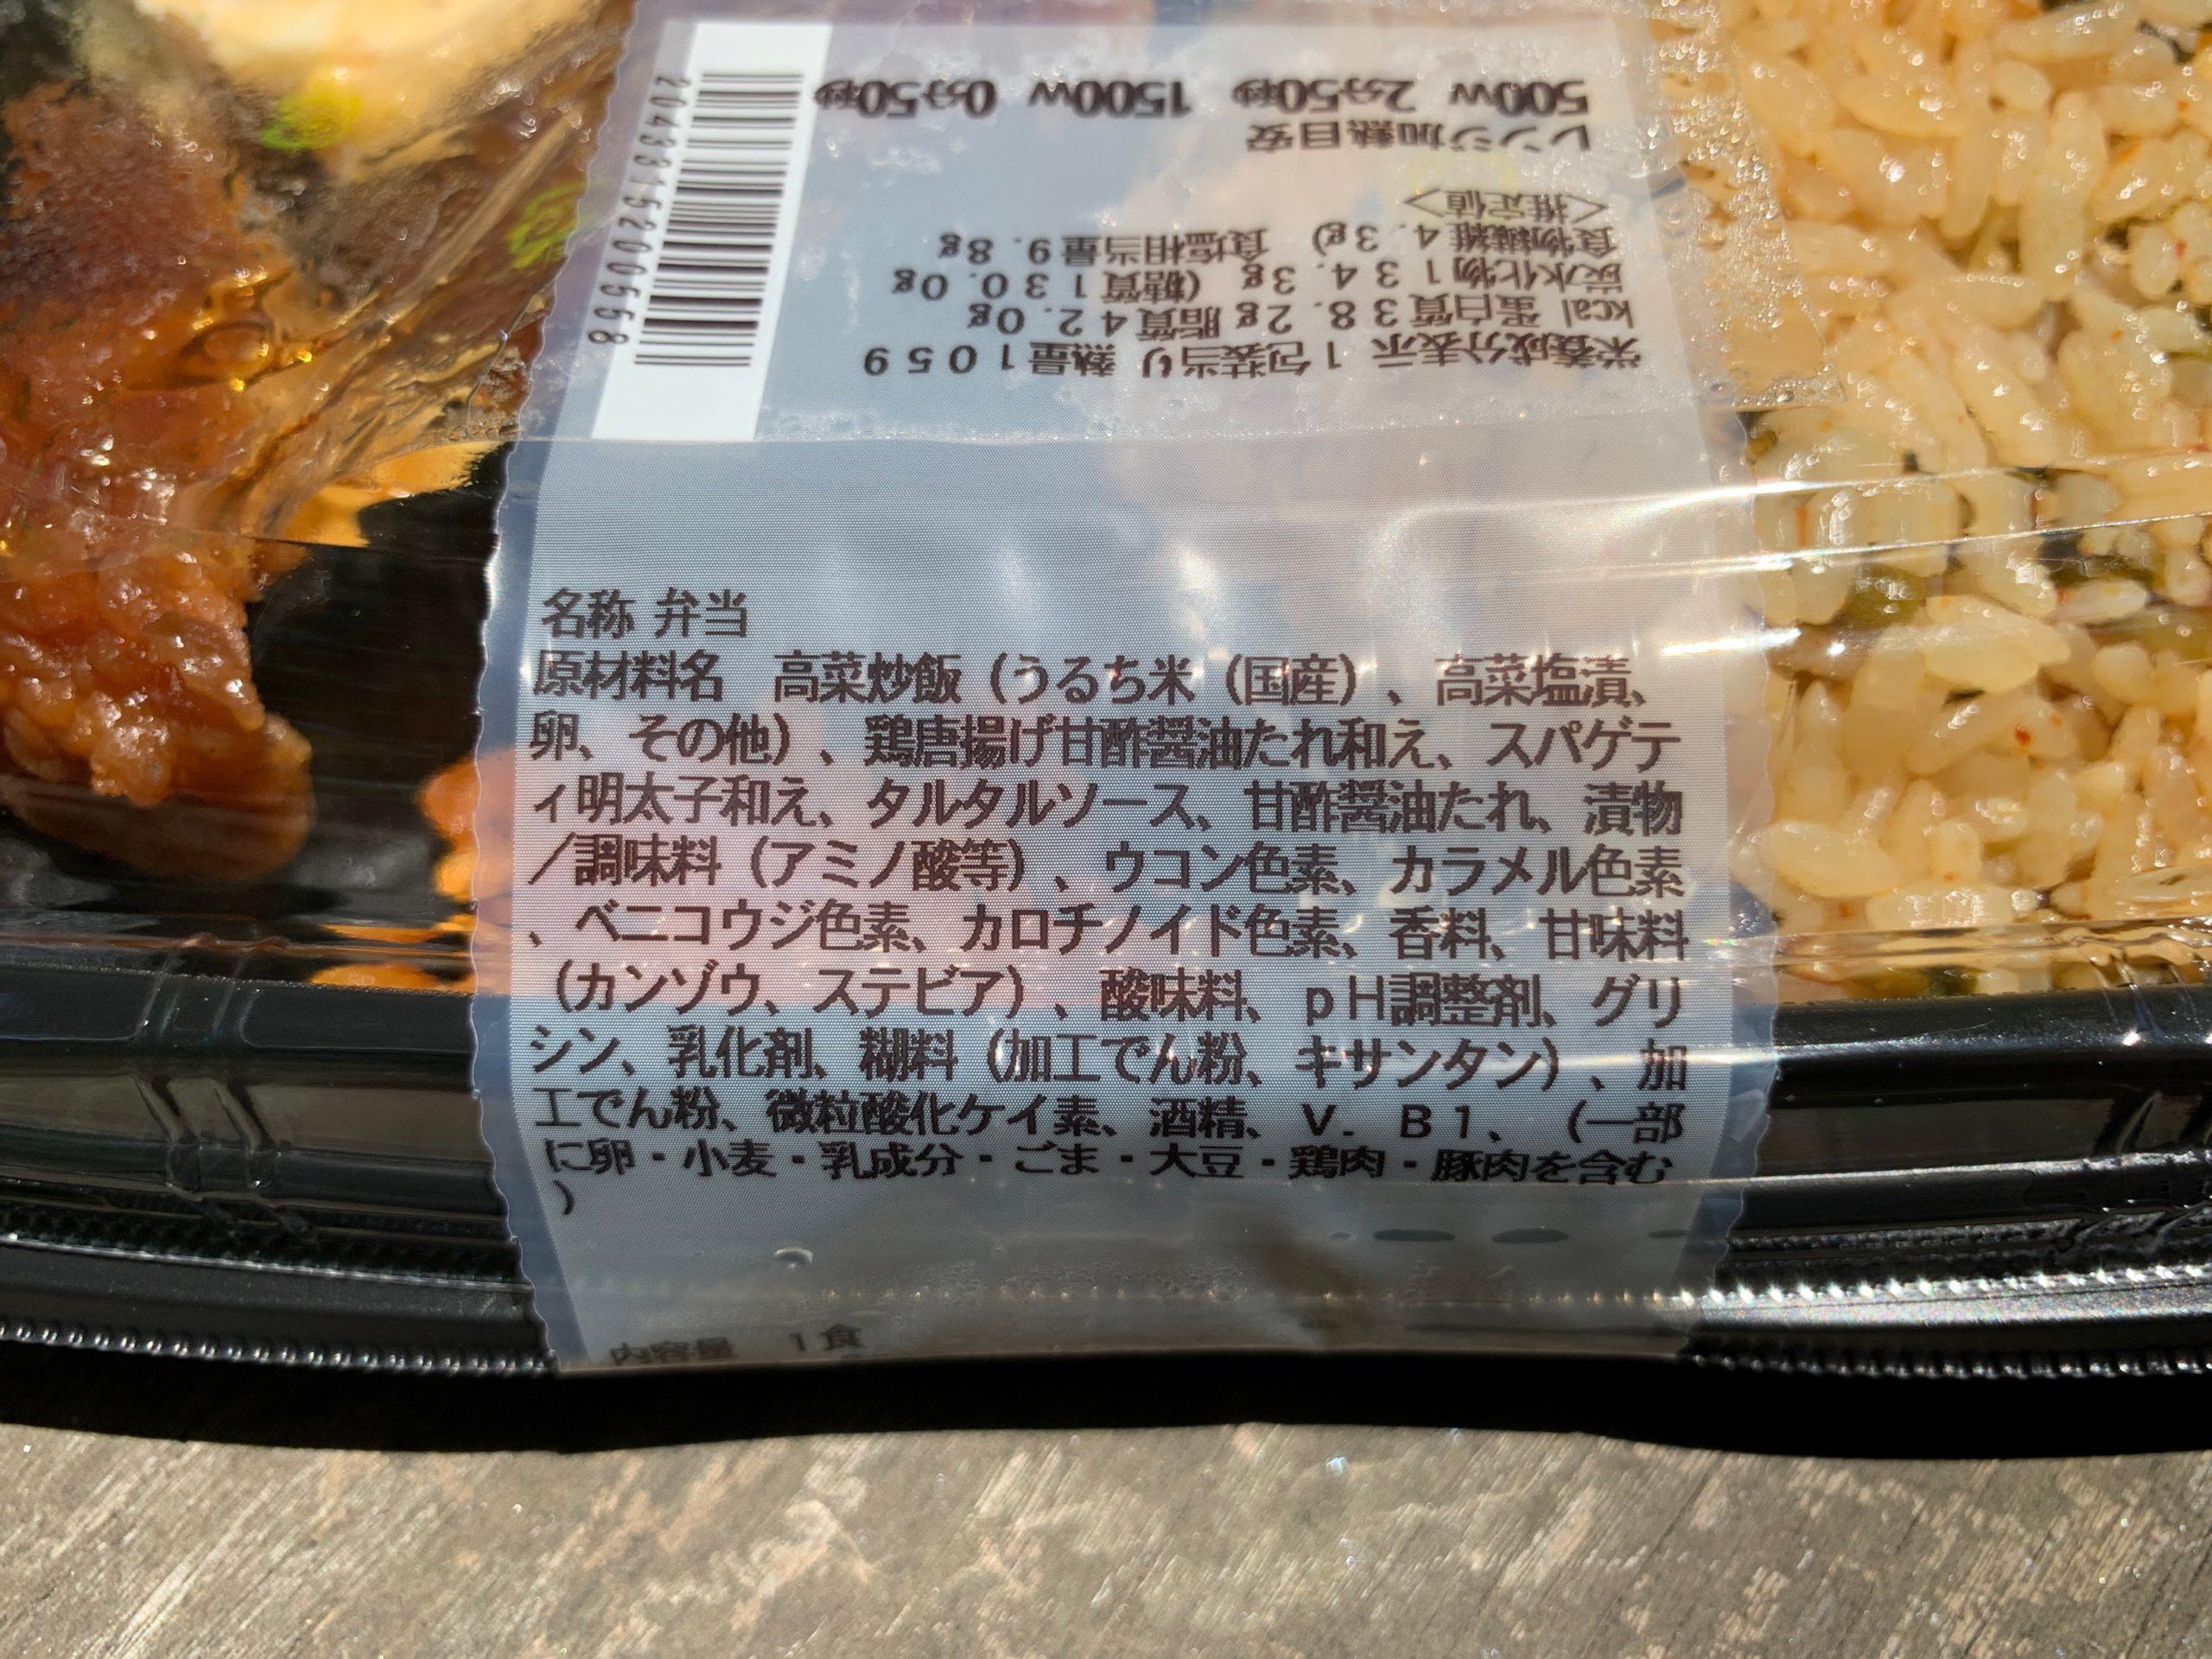 高菜炒飯とチキン南蛮弁当の原材料と栄養成分